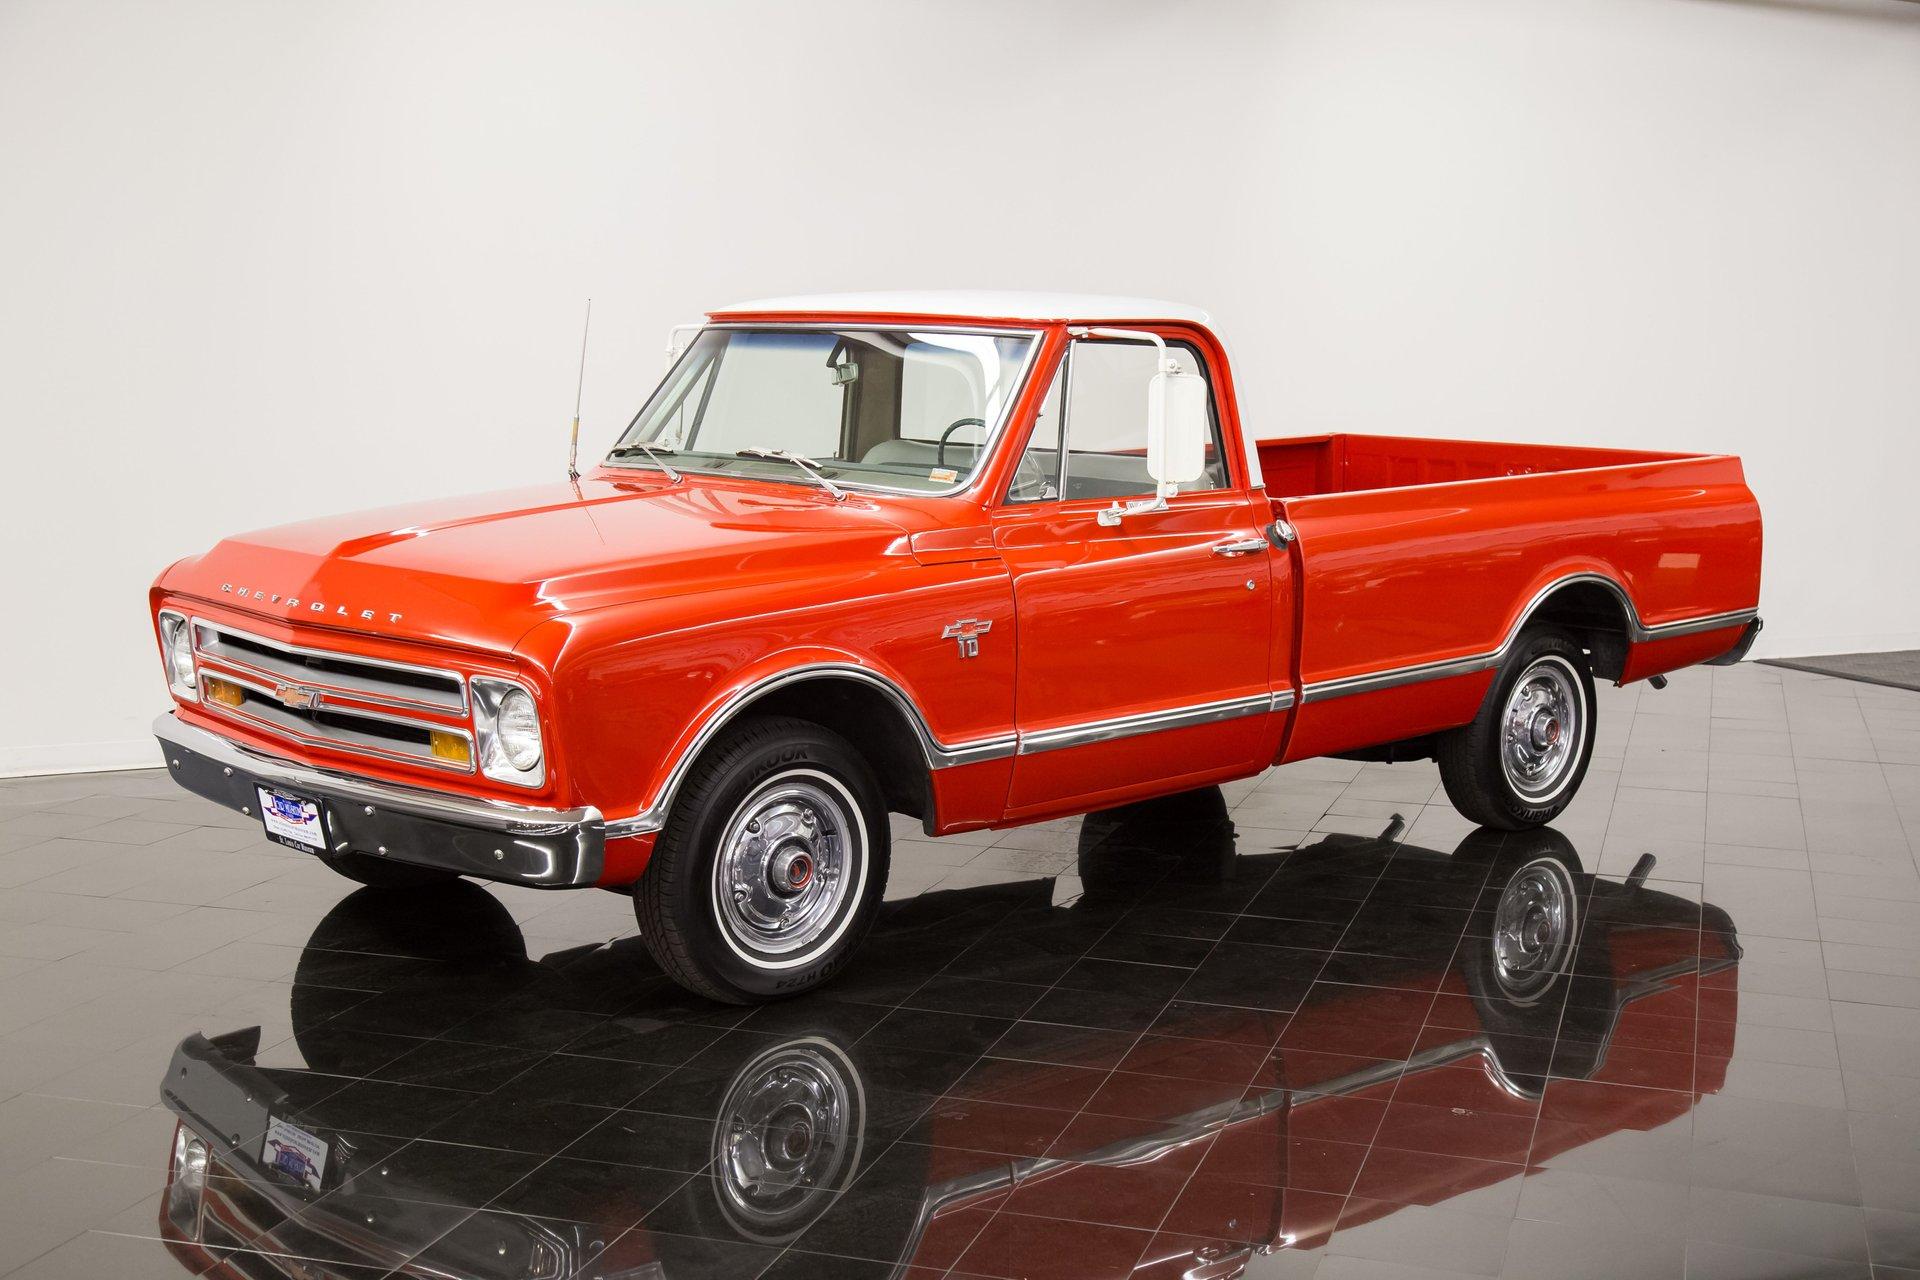 1967 chevrolet c10 custom long bed pickup